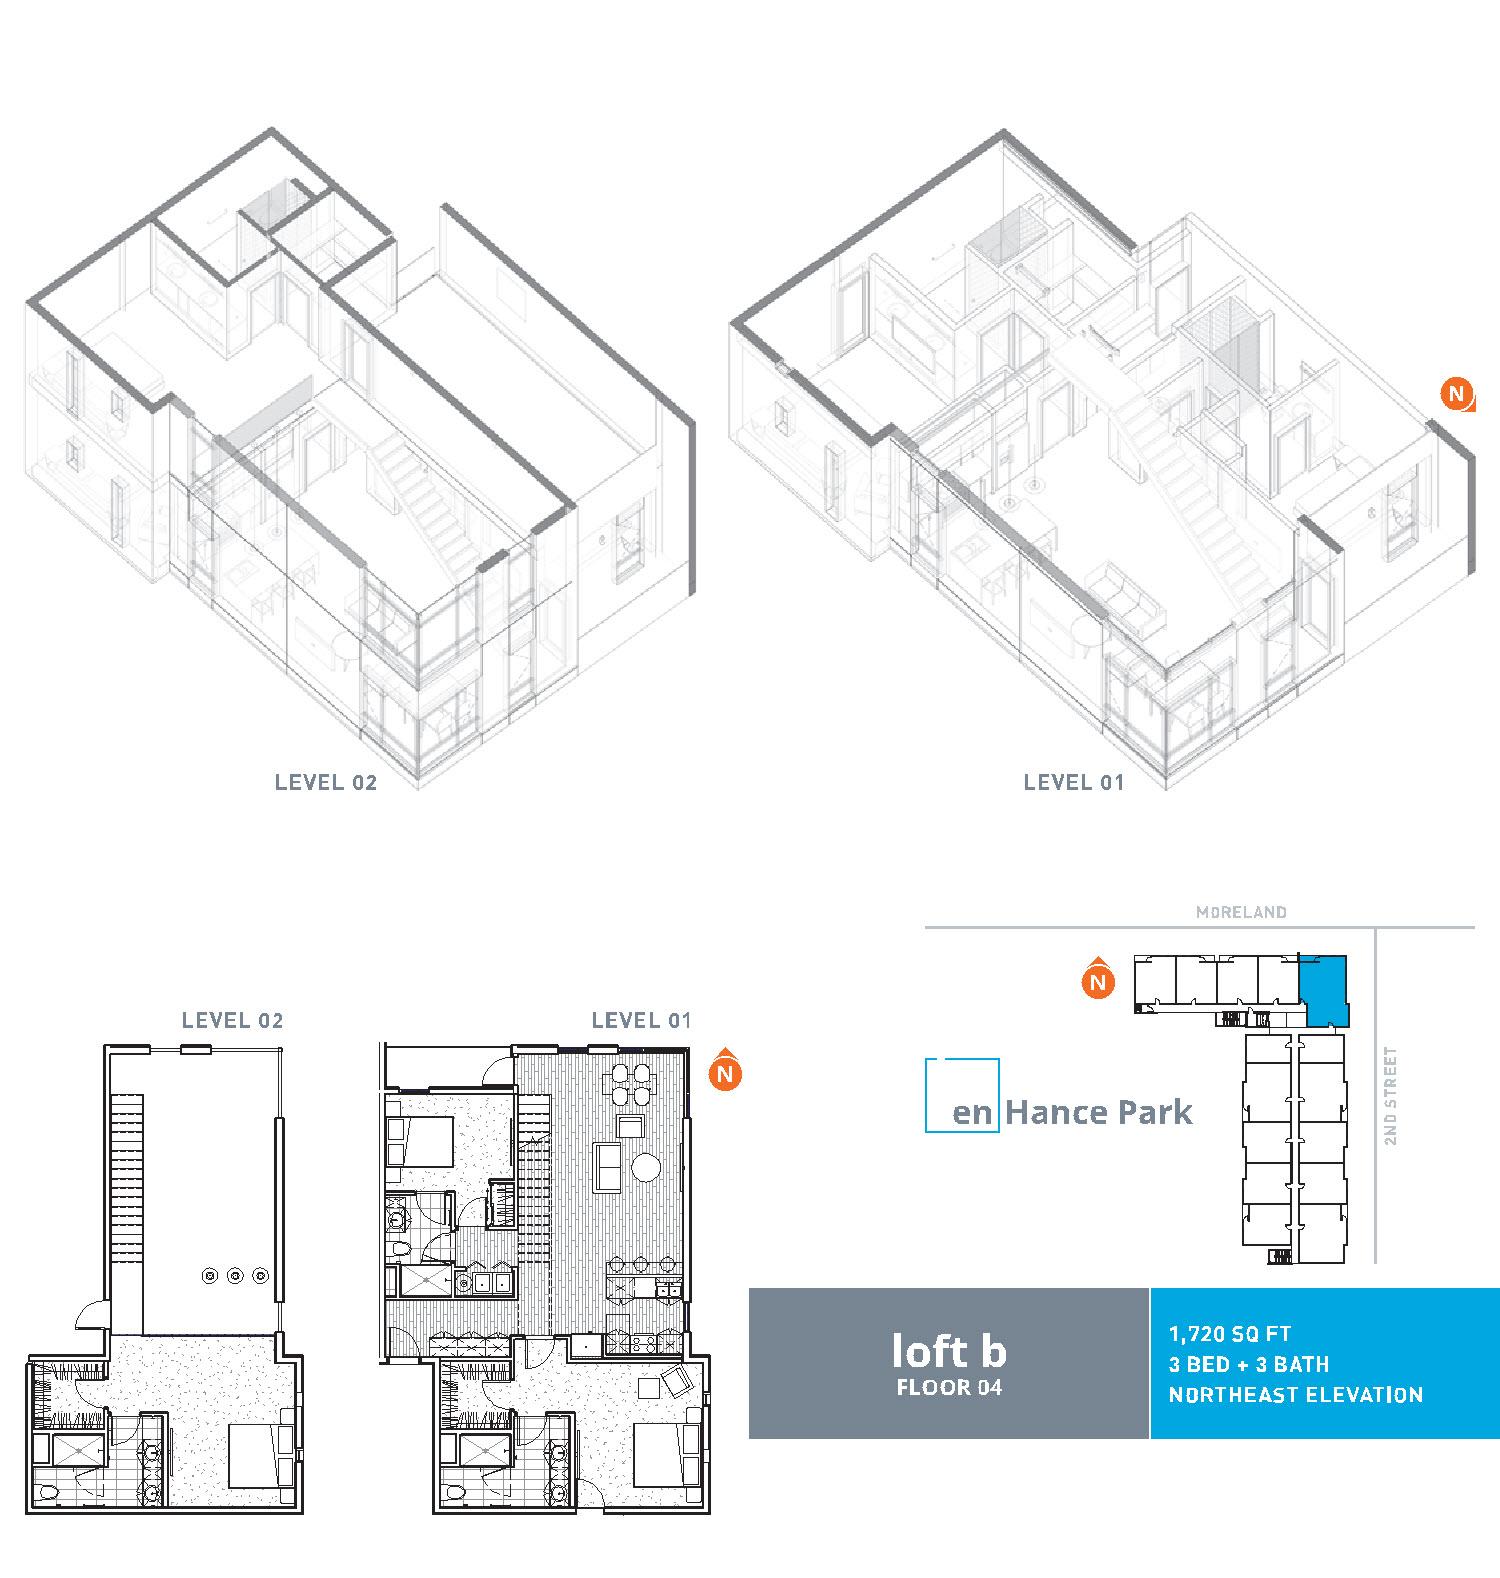 En hance park condo floor plan loft b 3bd